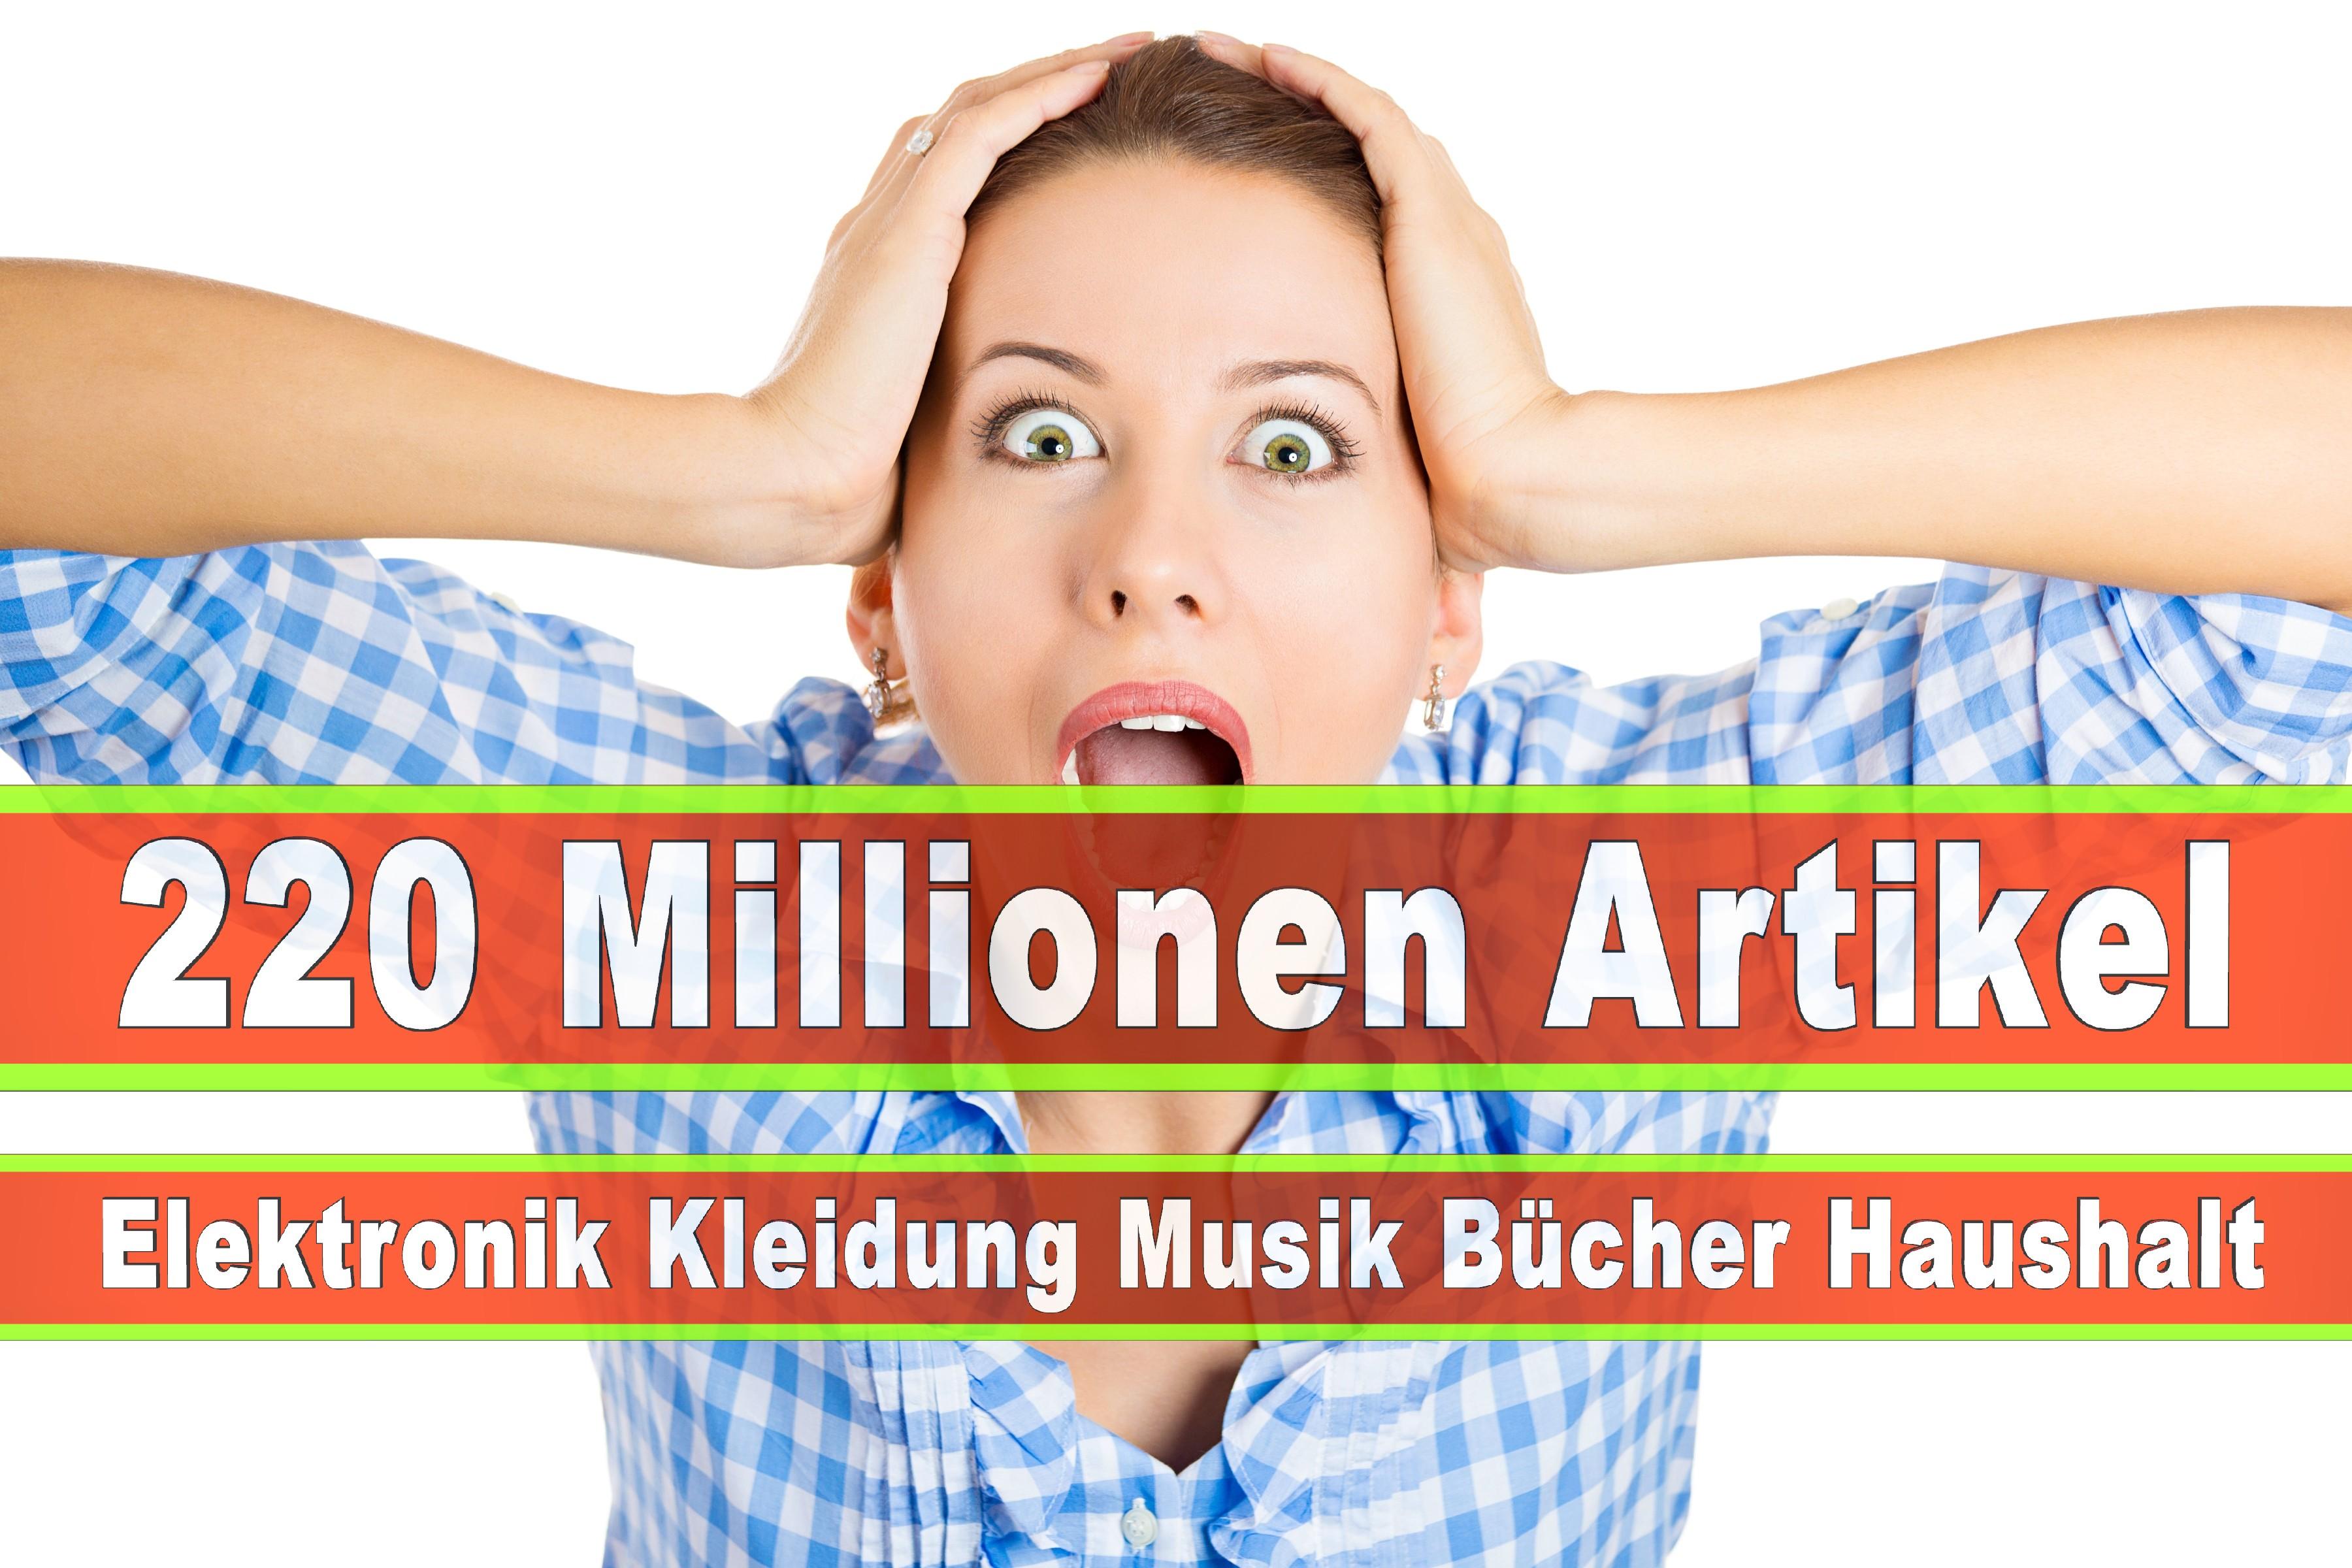 Amazon Elektronik Musik Haushalt Bücher CD DVD Handys Smartphones TV Television Fernseher Kleidung Mode Ebay Versandhaus (79)